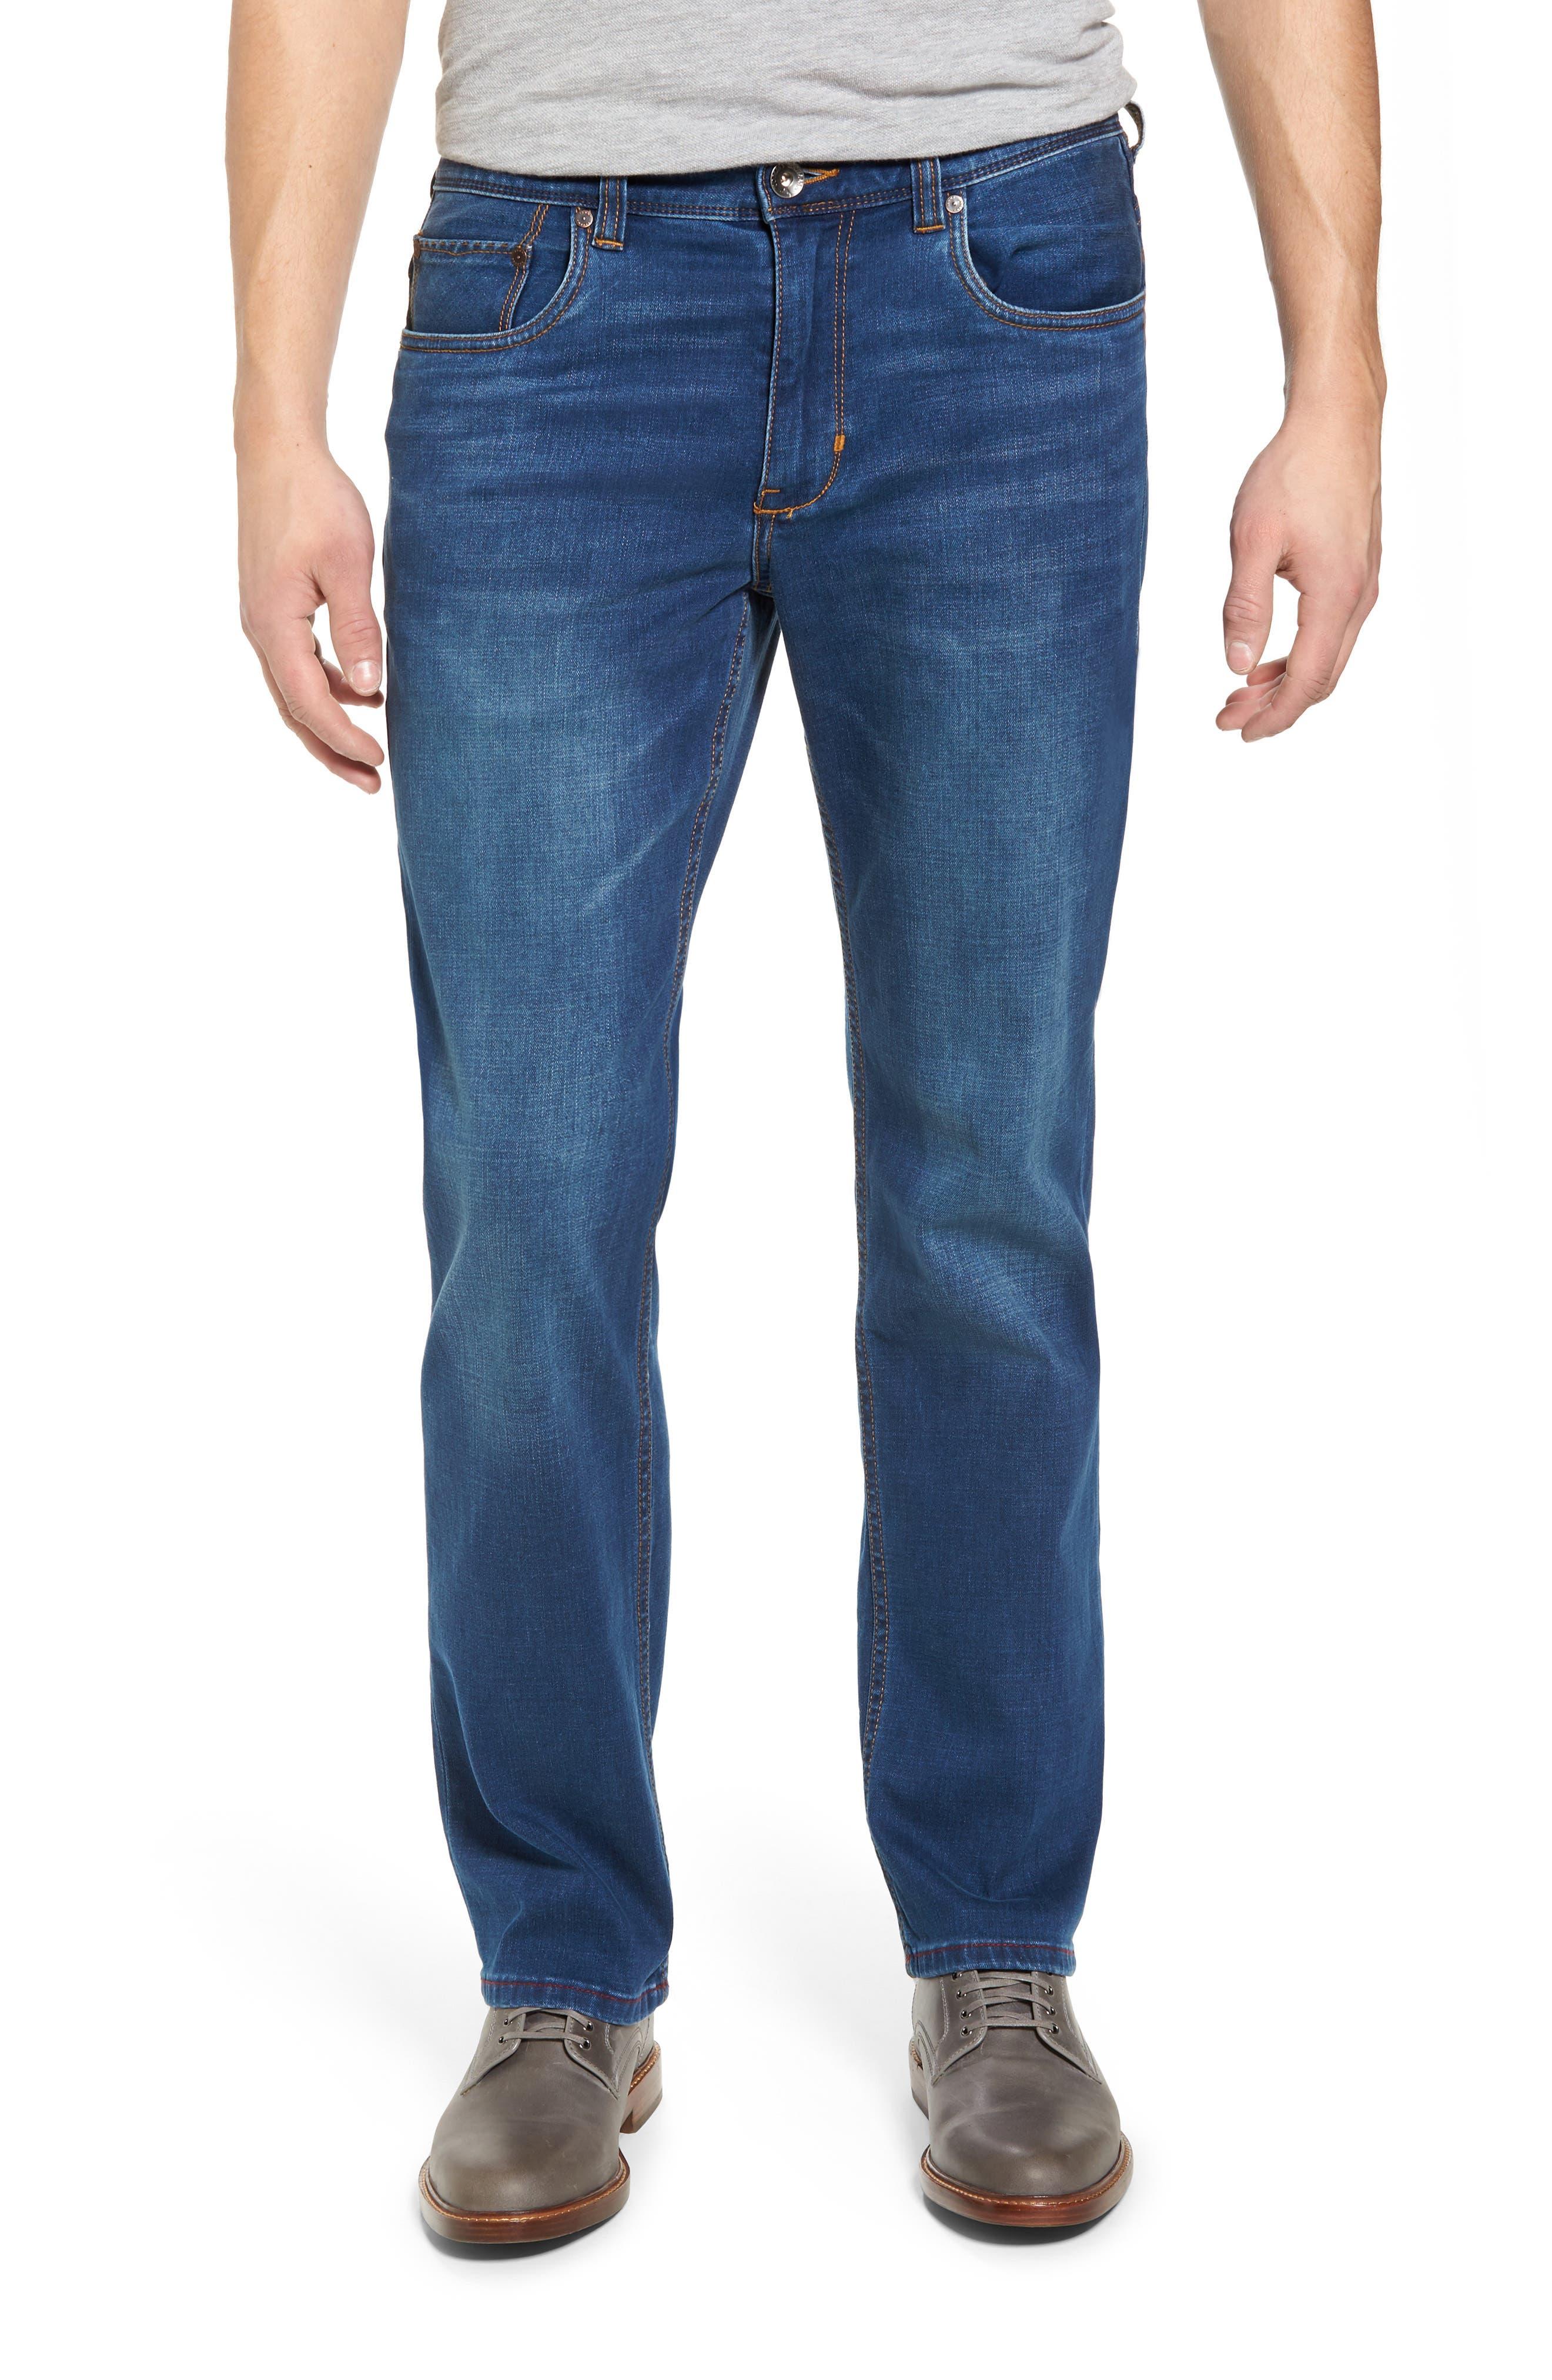 Caicos Authentic Fit Jeans,                             Main thumbnail 1, color,